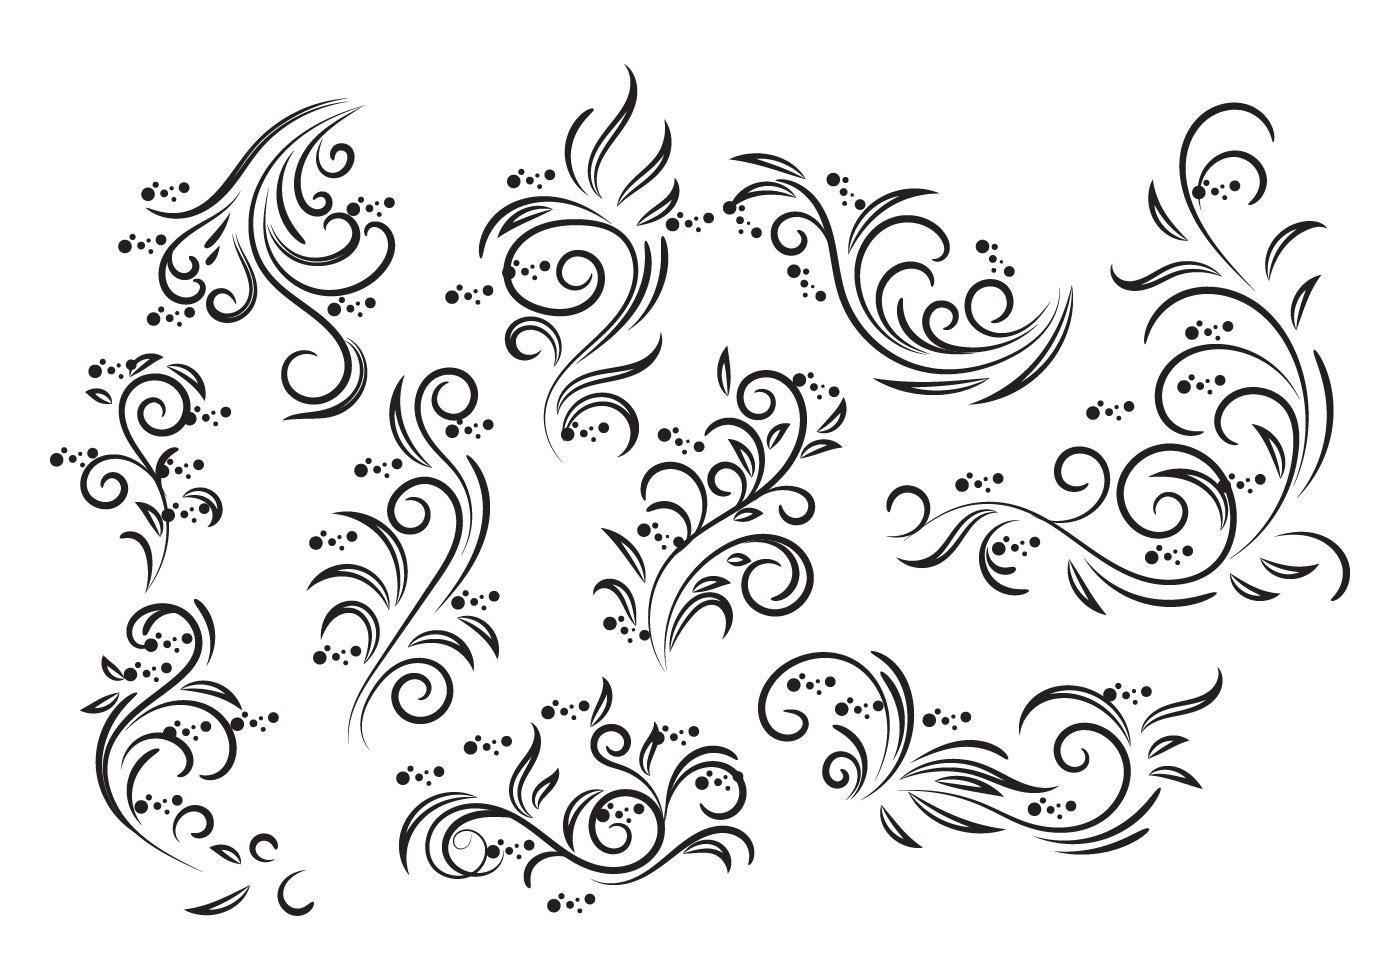 Line Art Design Free Download : Vintage floral design vector download free art